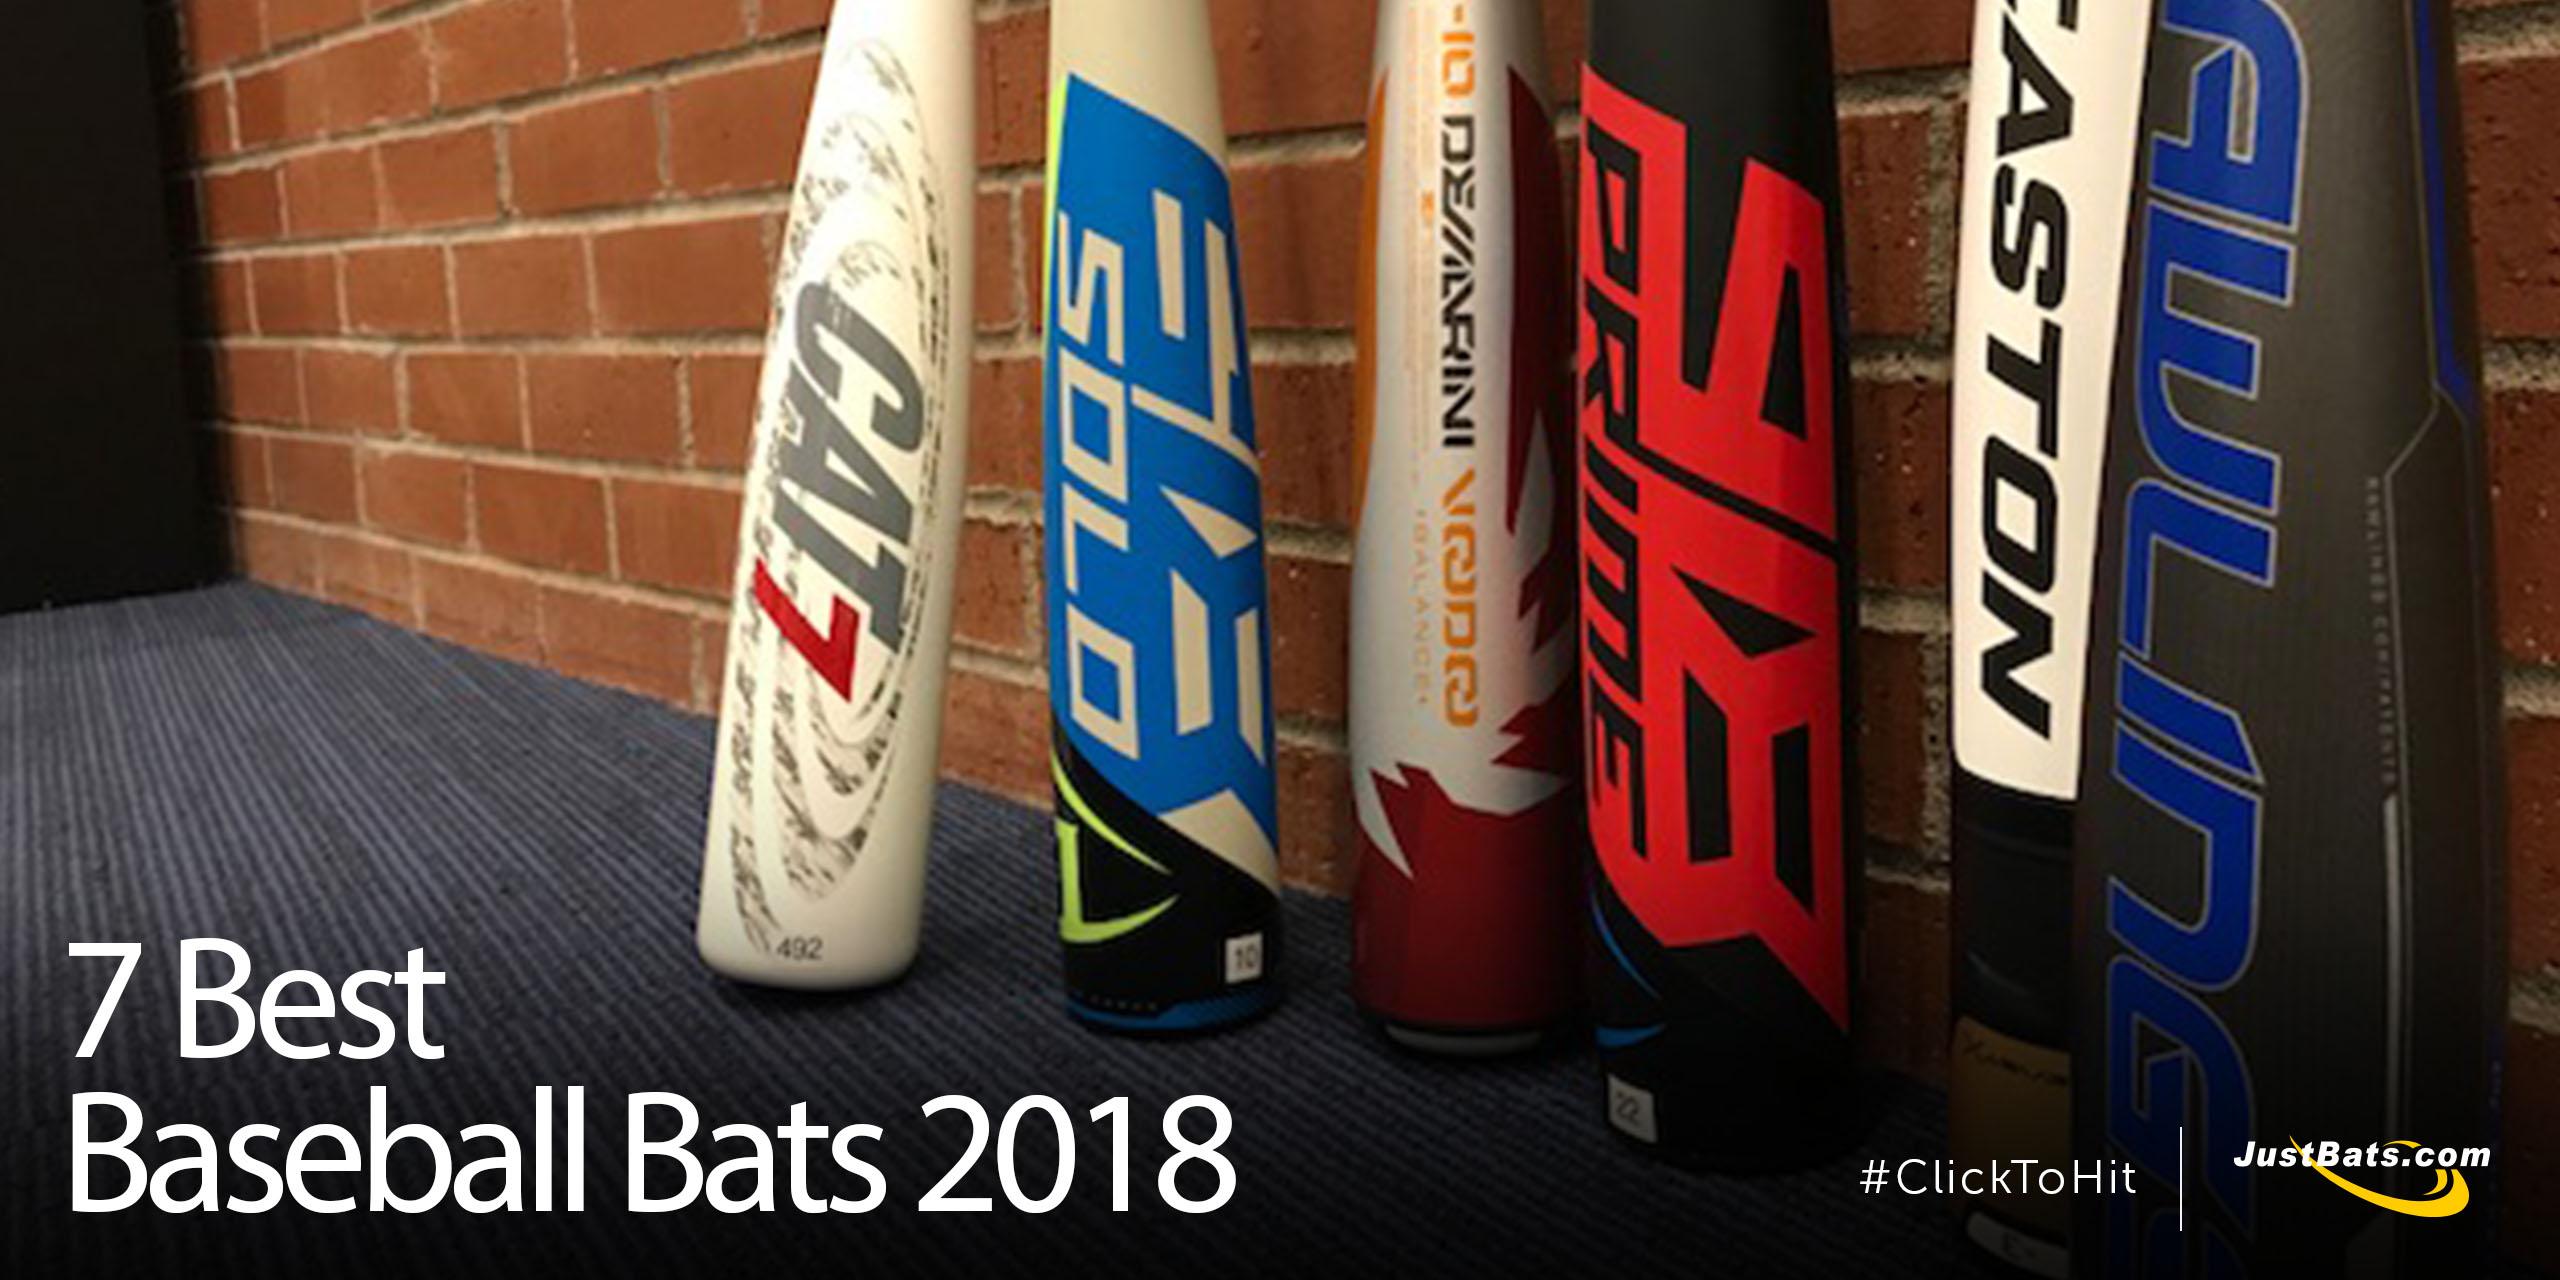 7 Best 2018 Baseball Bats - Blog